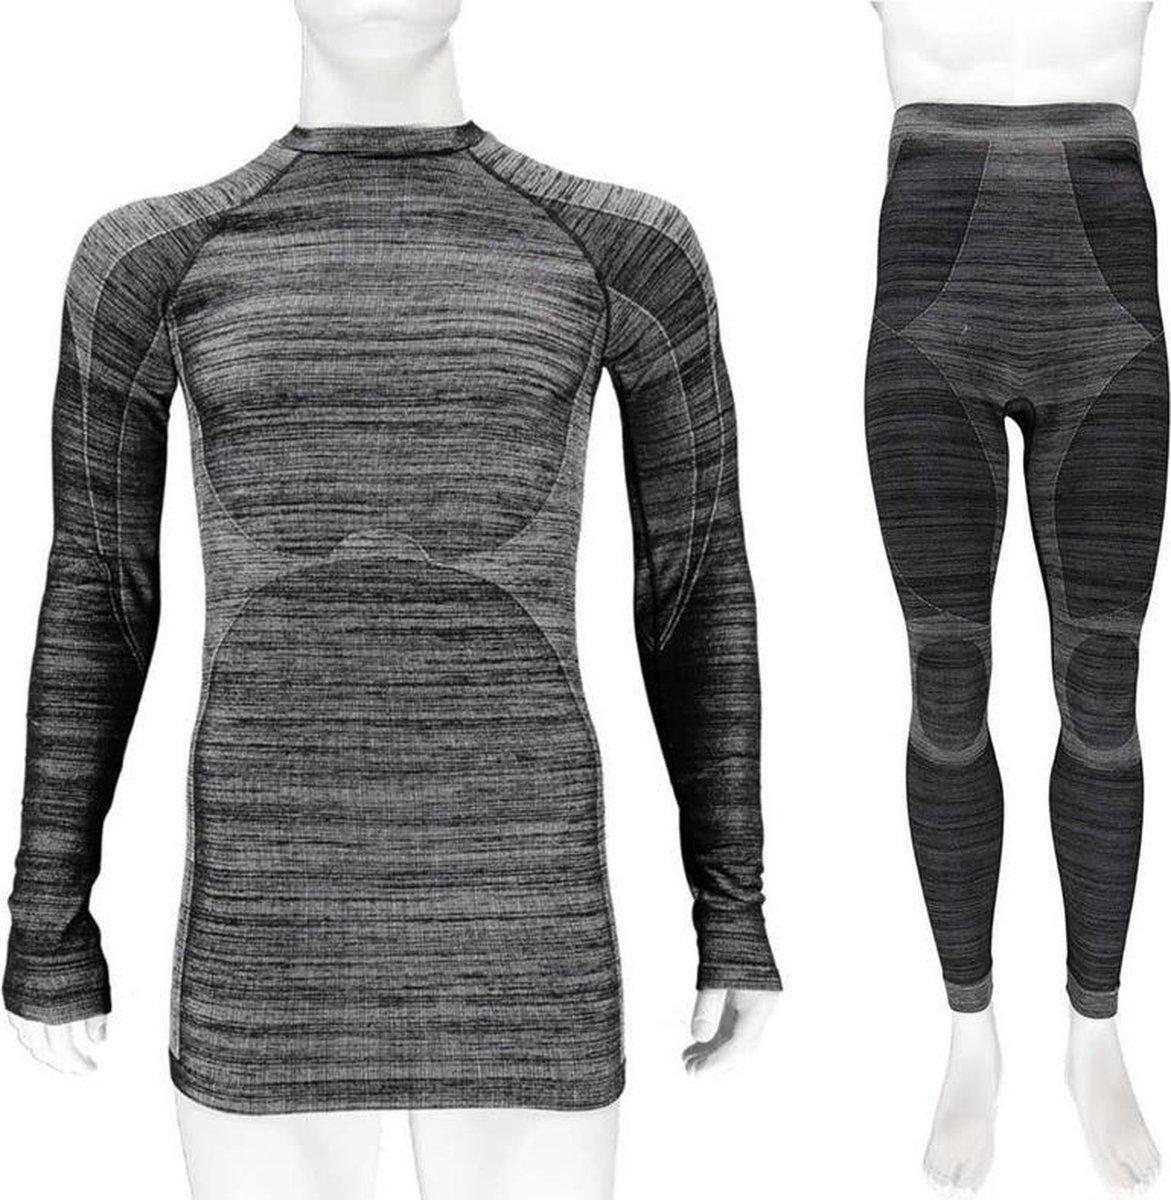 Thermo onderkleding set voor heren zwart melange - maat XXL - shirt lange mouw en broek - Wintersport kleding - Thermokleding